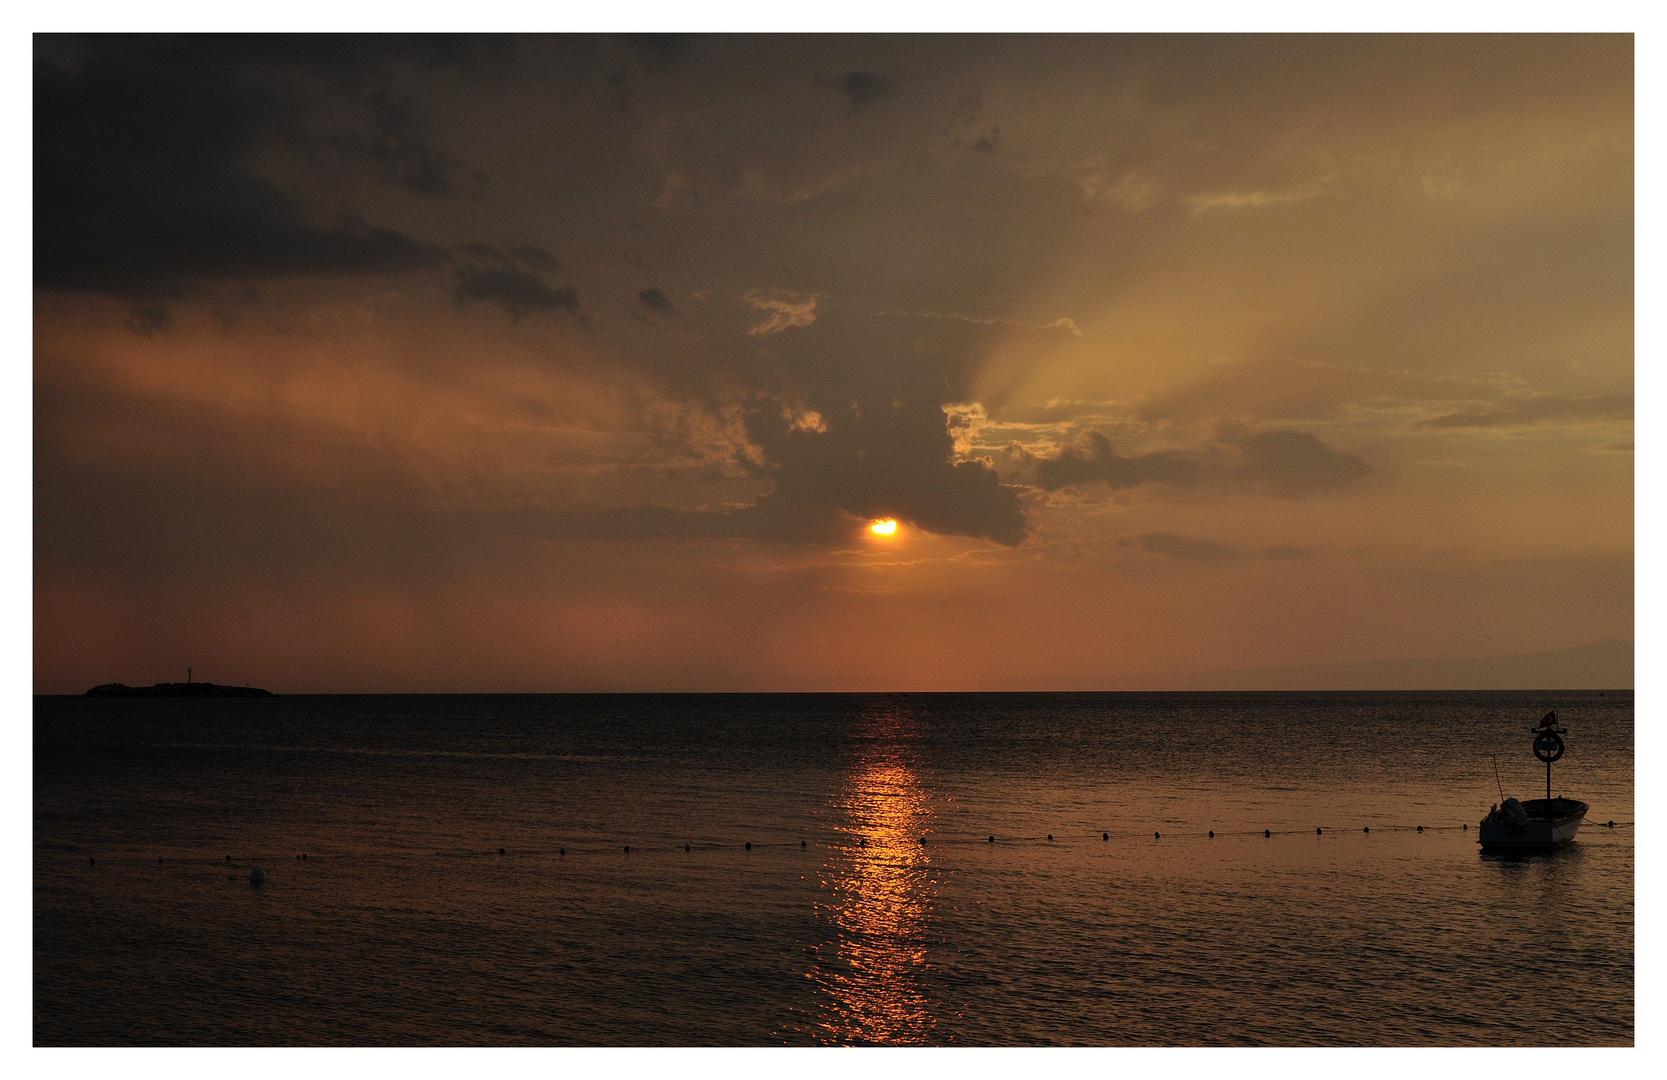 Sunset in Avsa